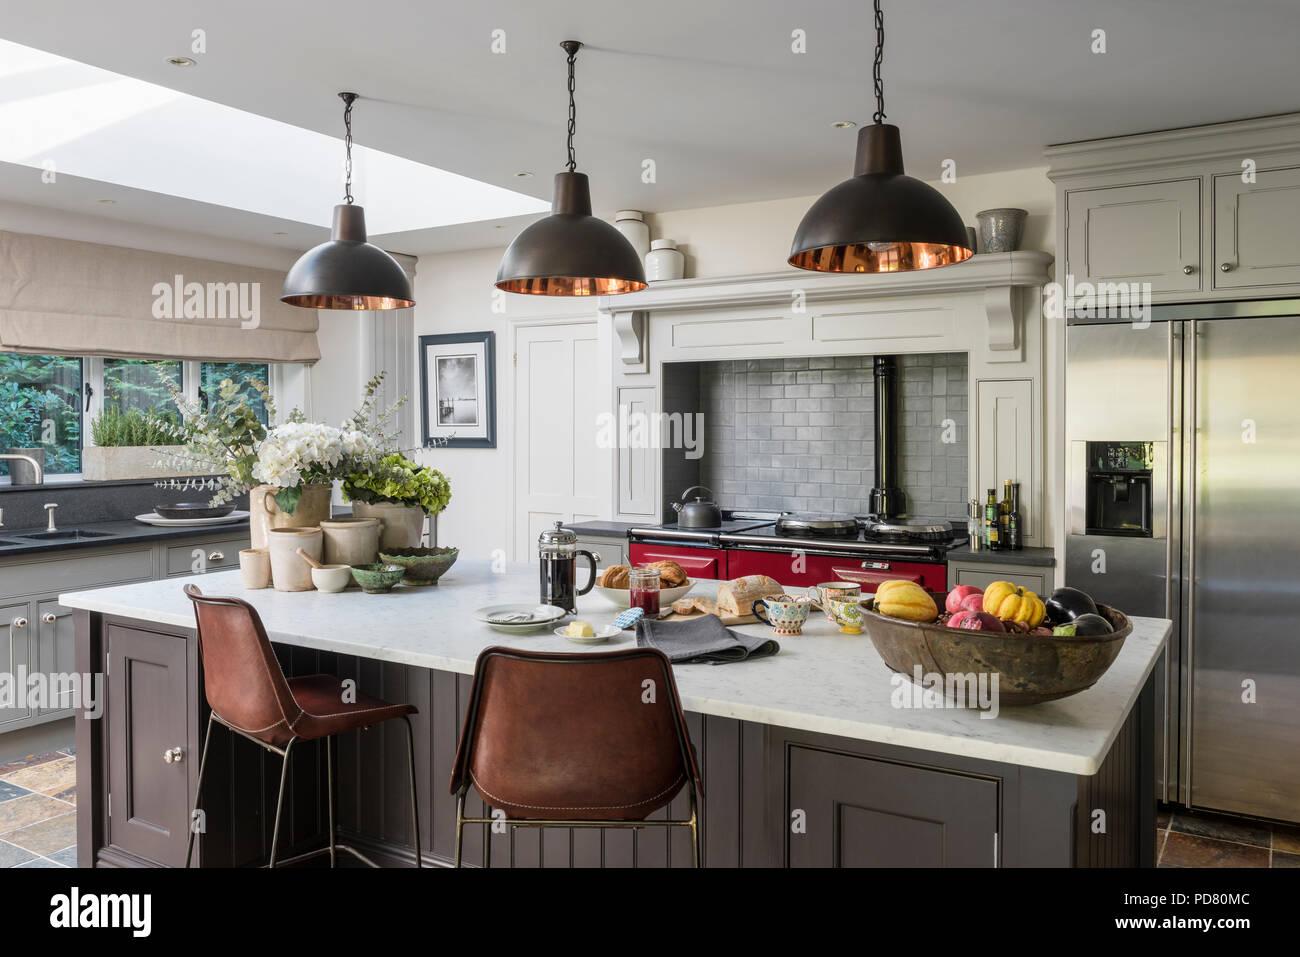 Isla de cocina a medida por Thomas Ford   Sons está pintada en Tanner Brown  por 775342916fd3